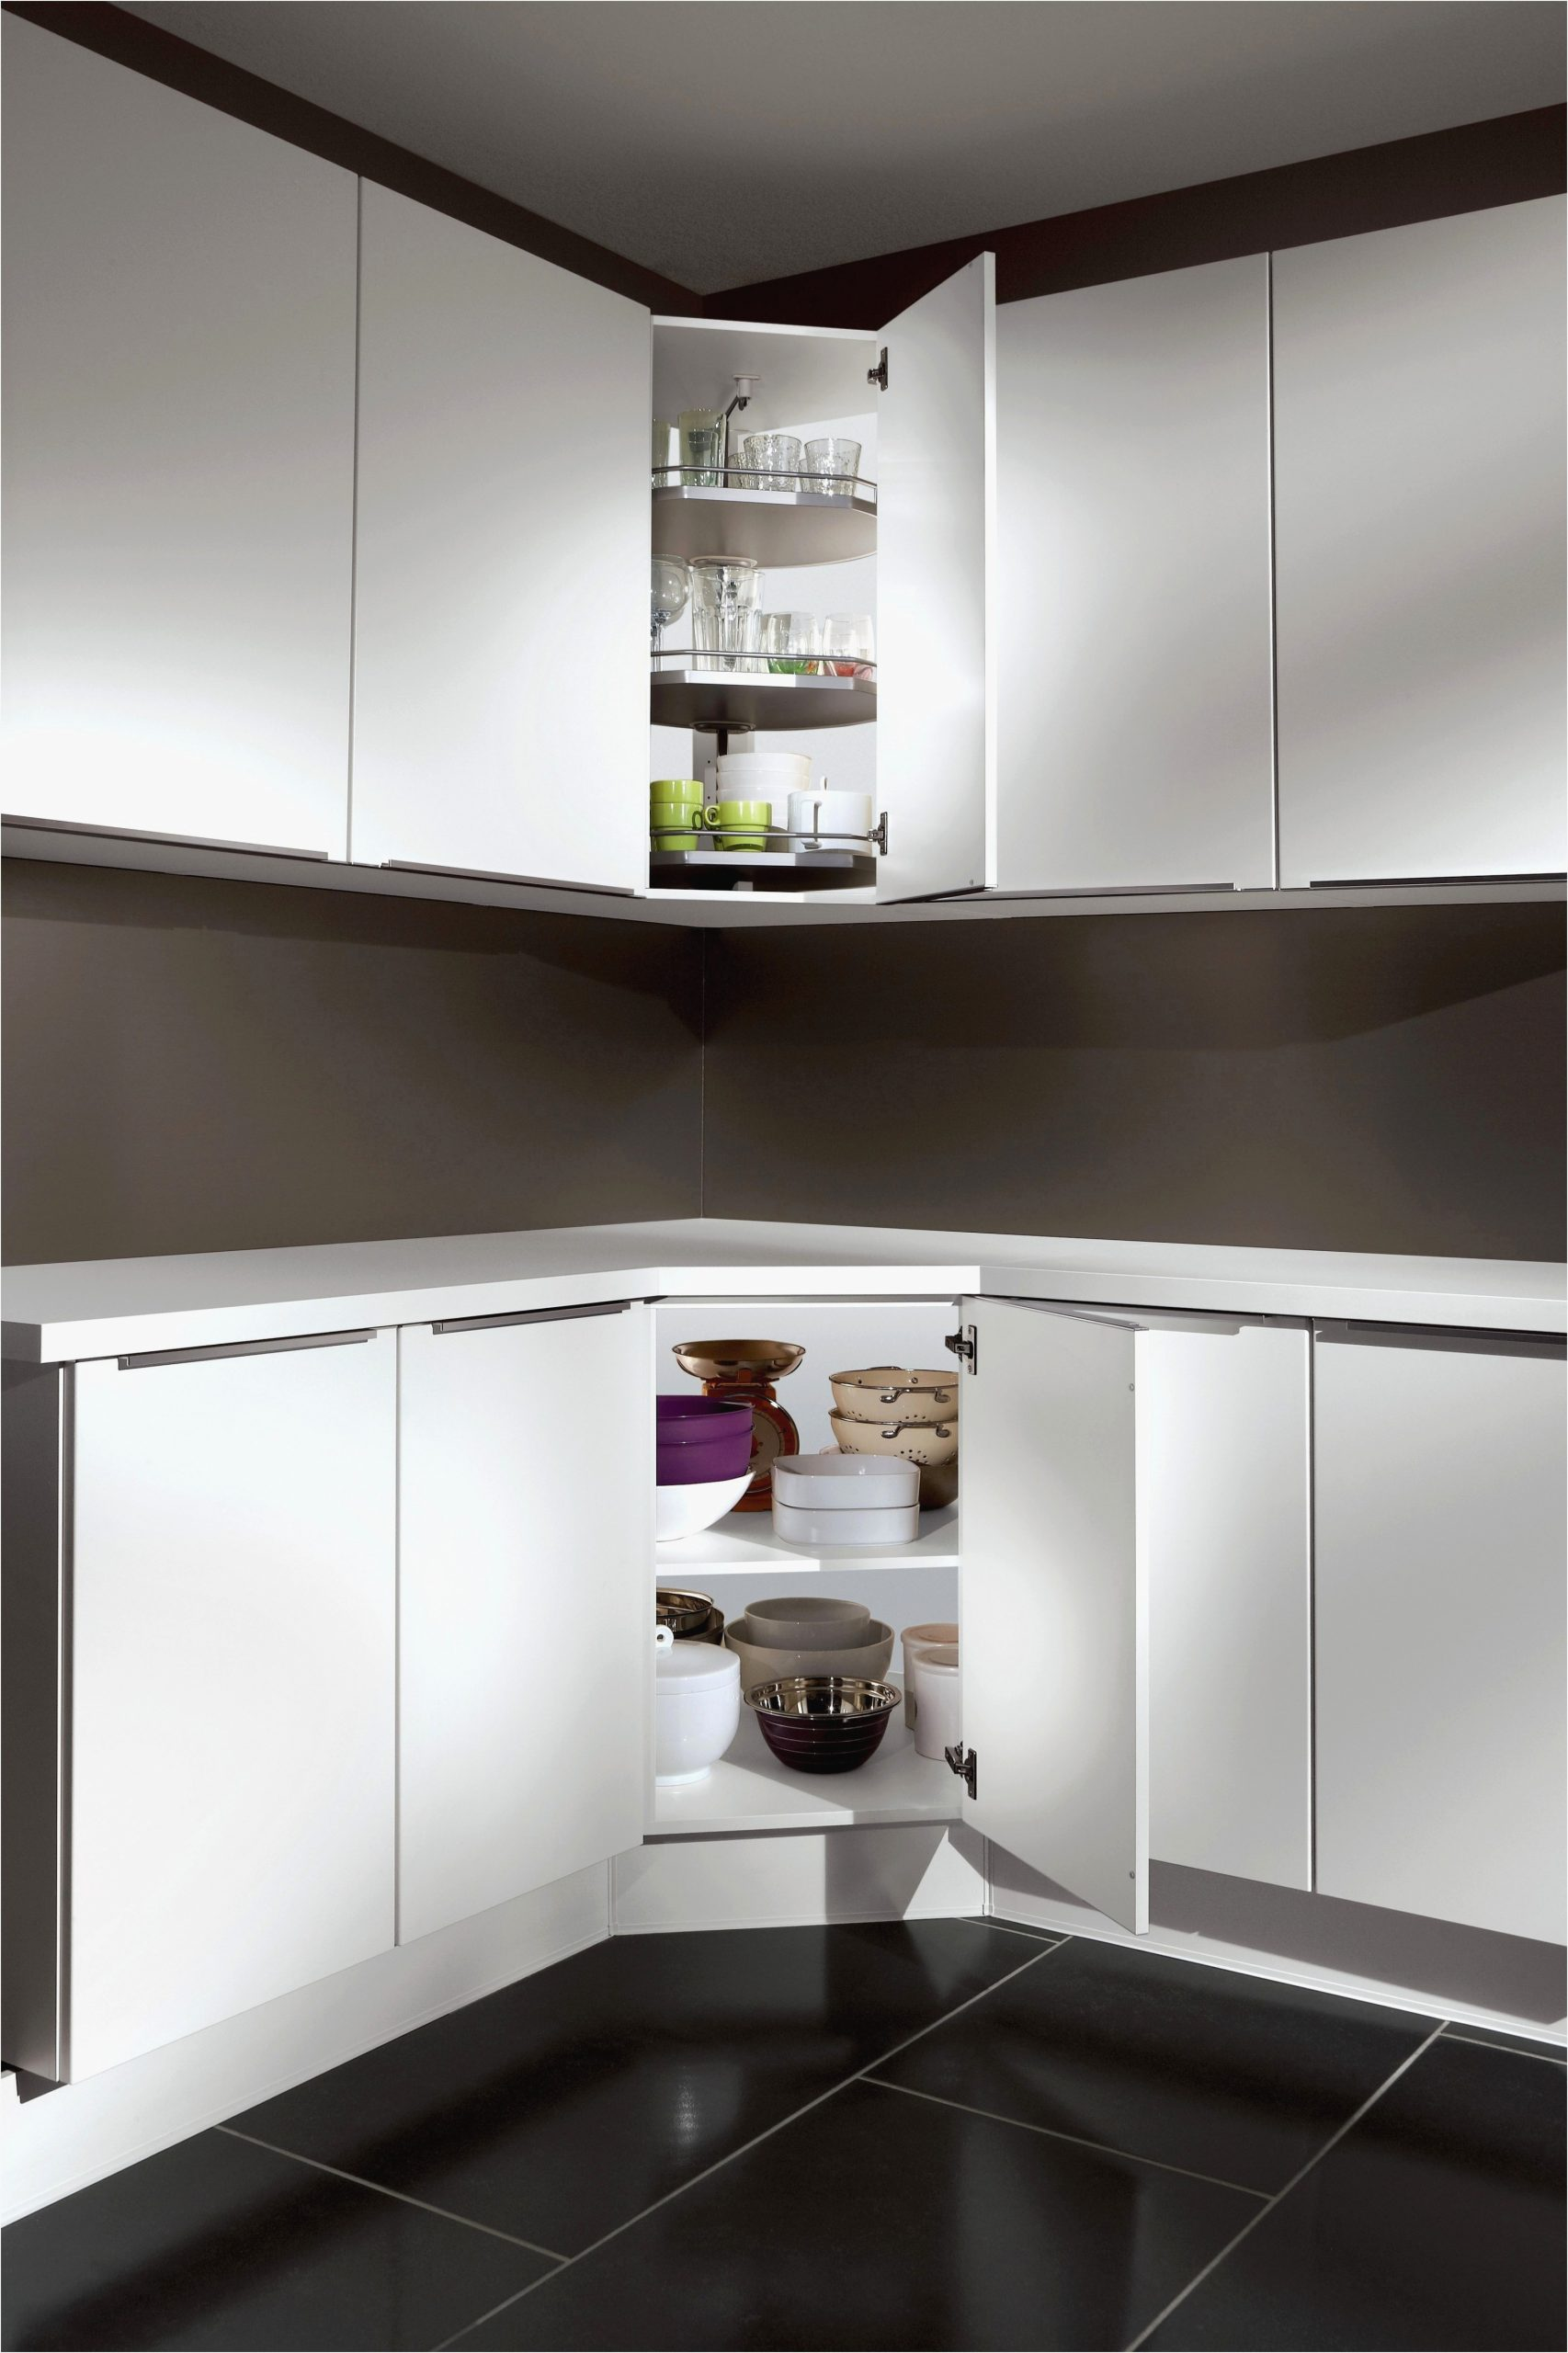 Full Size of 34 Eckschrank Küche Hoch Bilder Küchendesign Ideen   Küche Karussell Nachrüsten Küche Eckschrank Küche